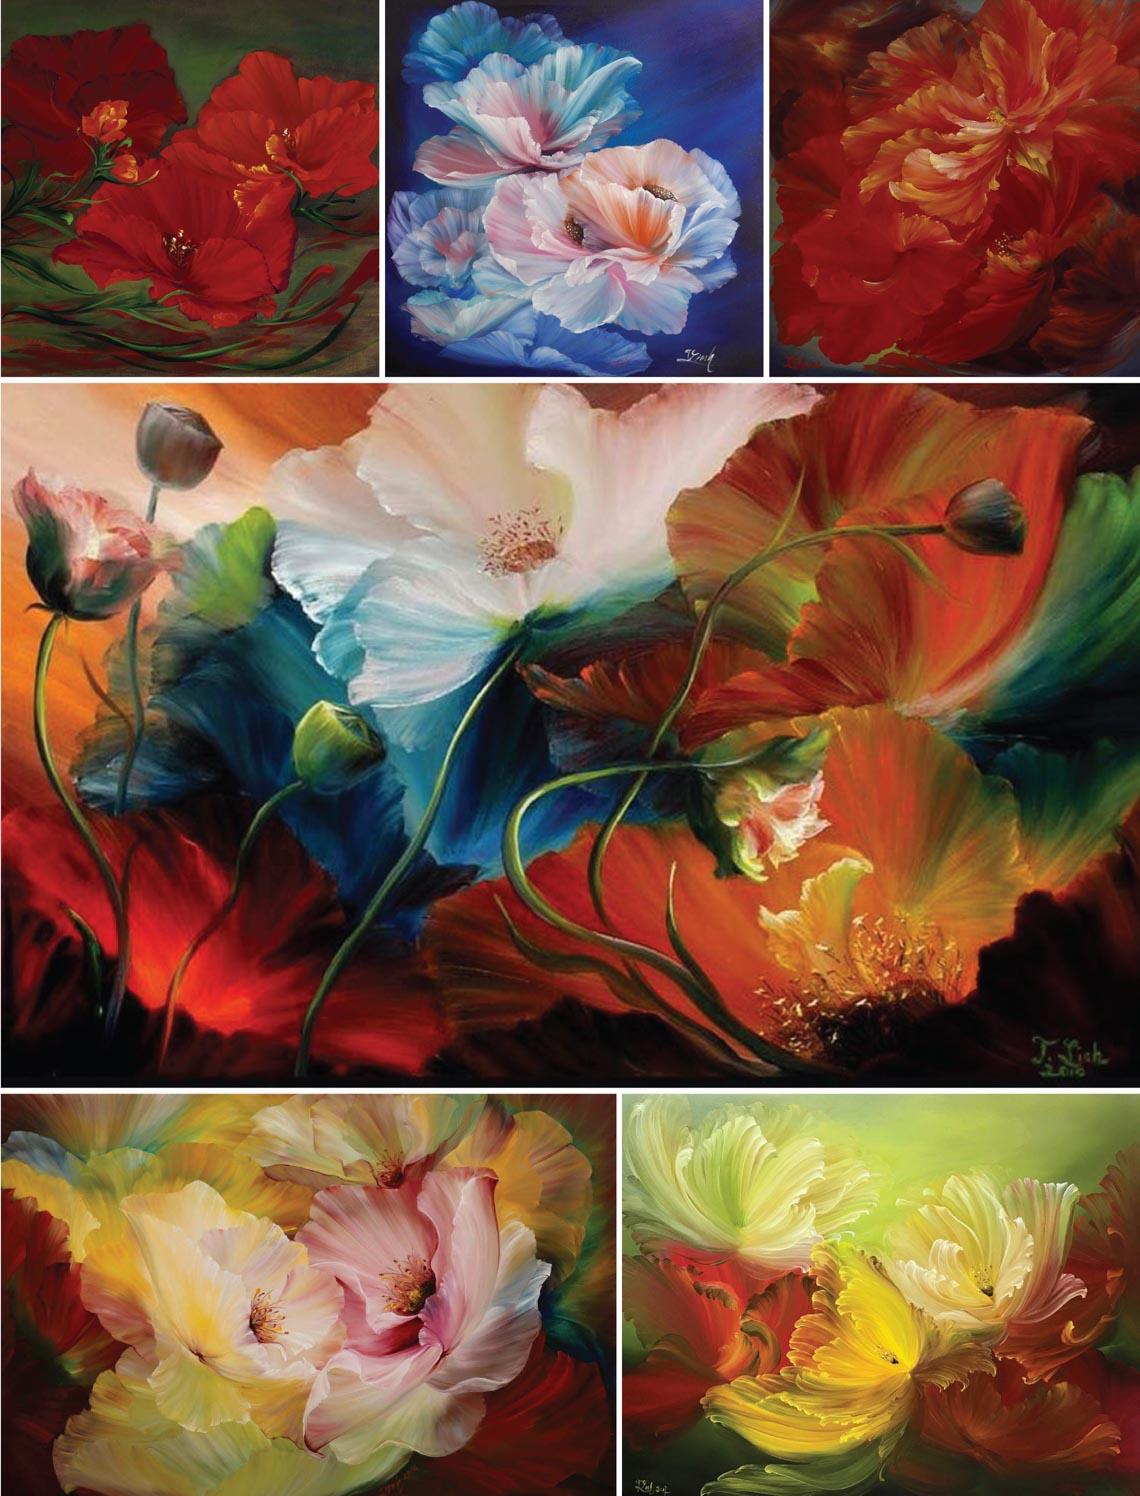 Họa sĩ Trần Thùy Linh: Theo đuổi hội họa rất cần vốn sống và sự chiêm nghiệm -45